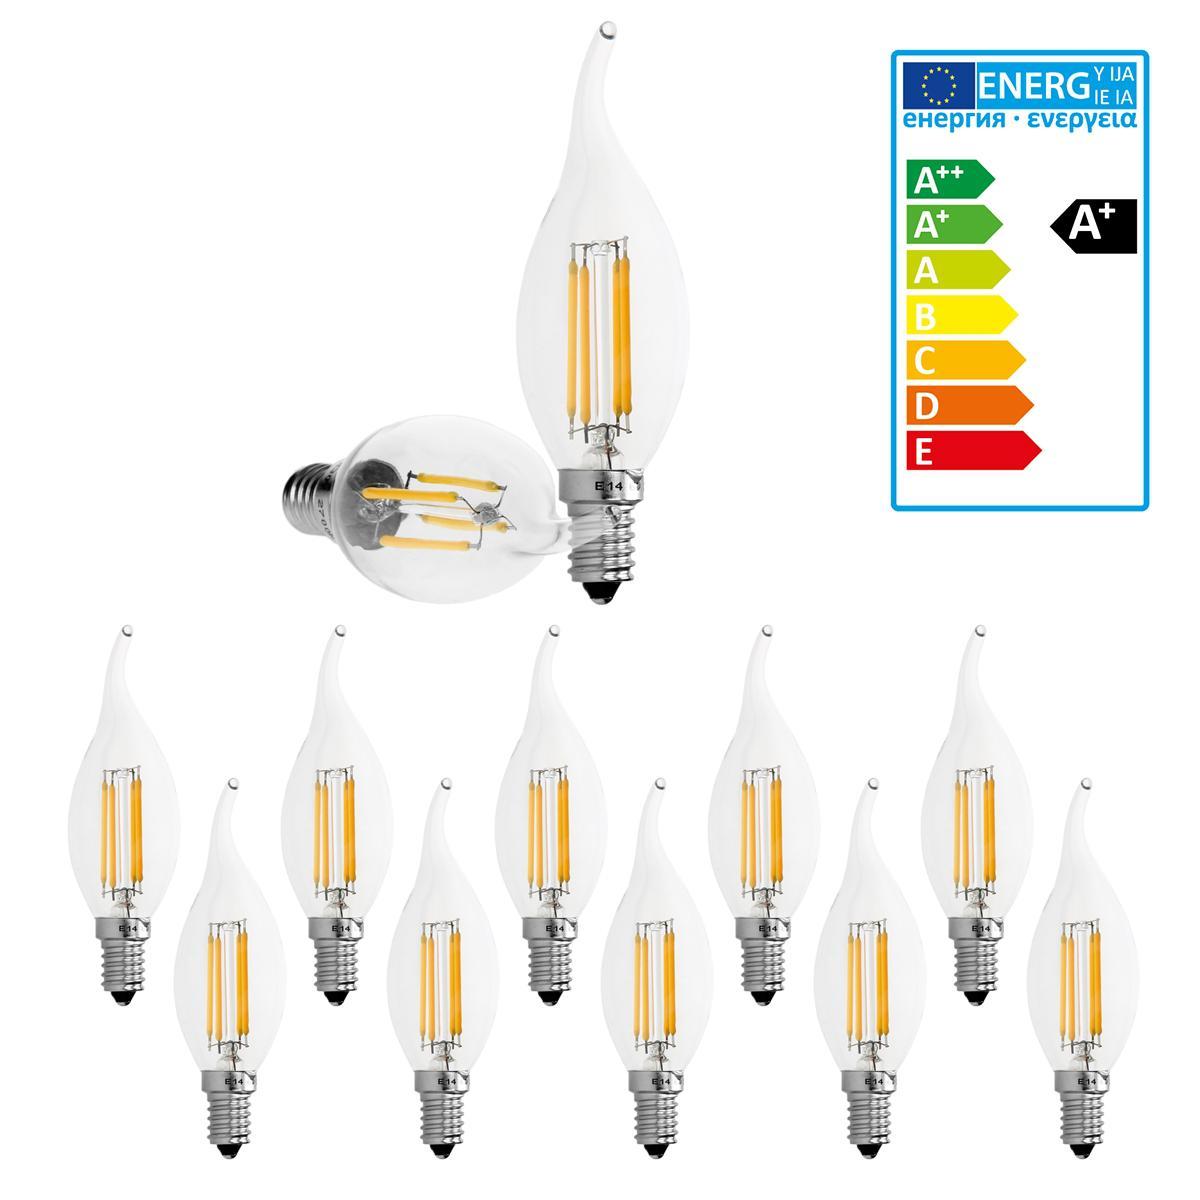 Ecd Germany 10 x Lampe LED rafale de vent filament de bougie E14 4W blanc chaud